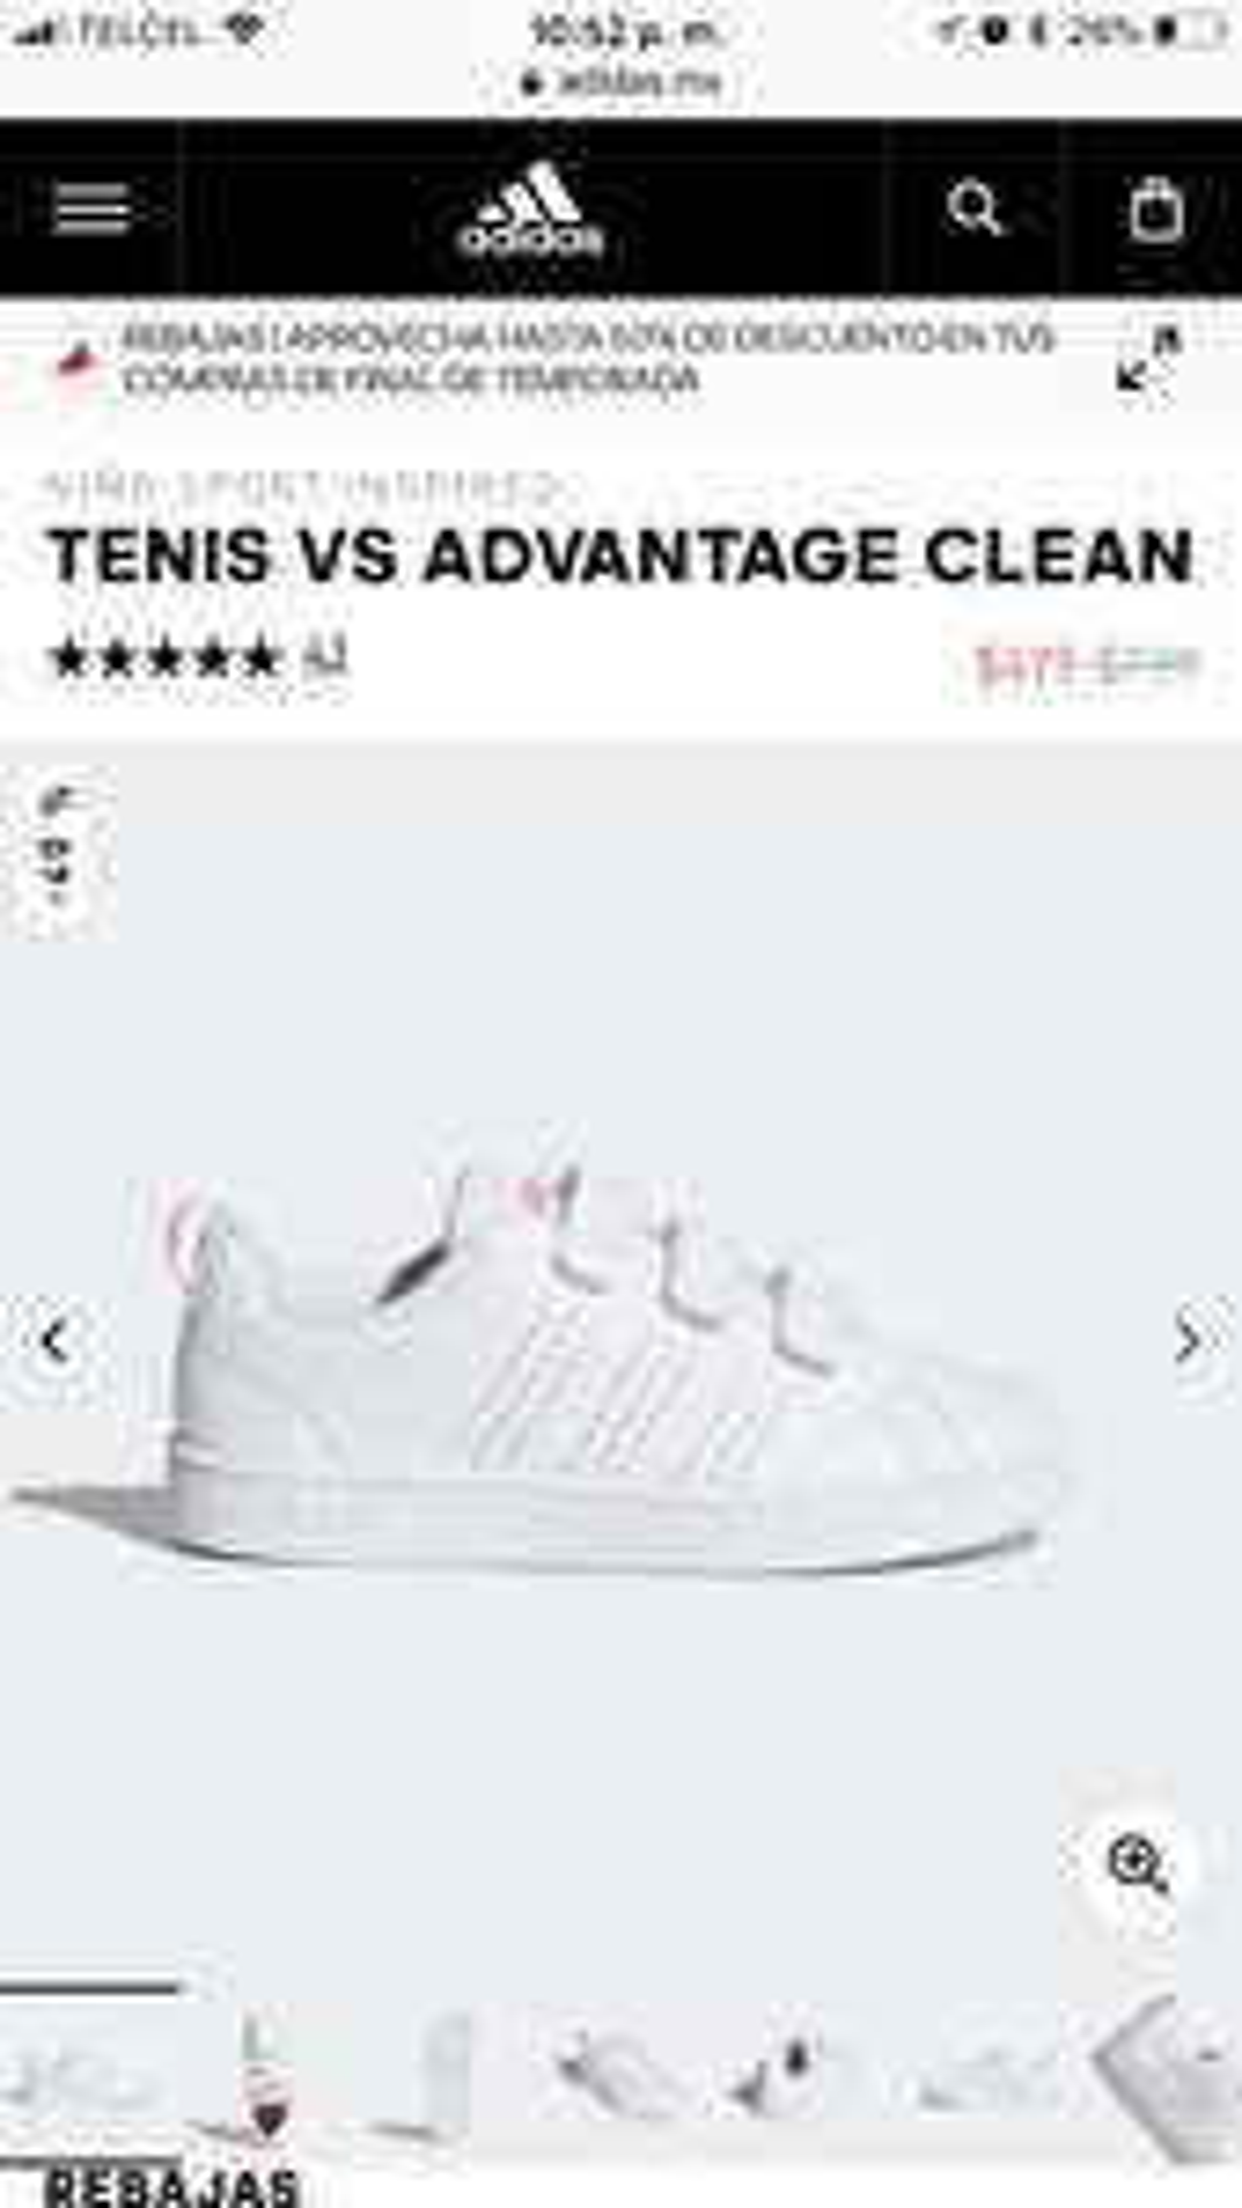 Adidas: TENIS VS ADVANTAGE CLEAN para niño (Varias tallas)